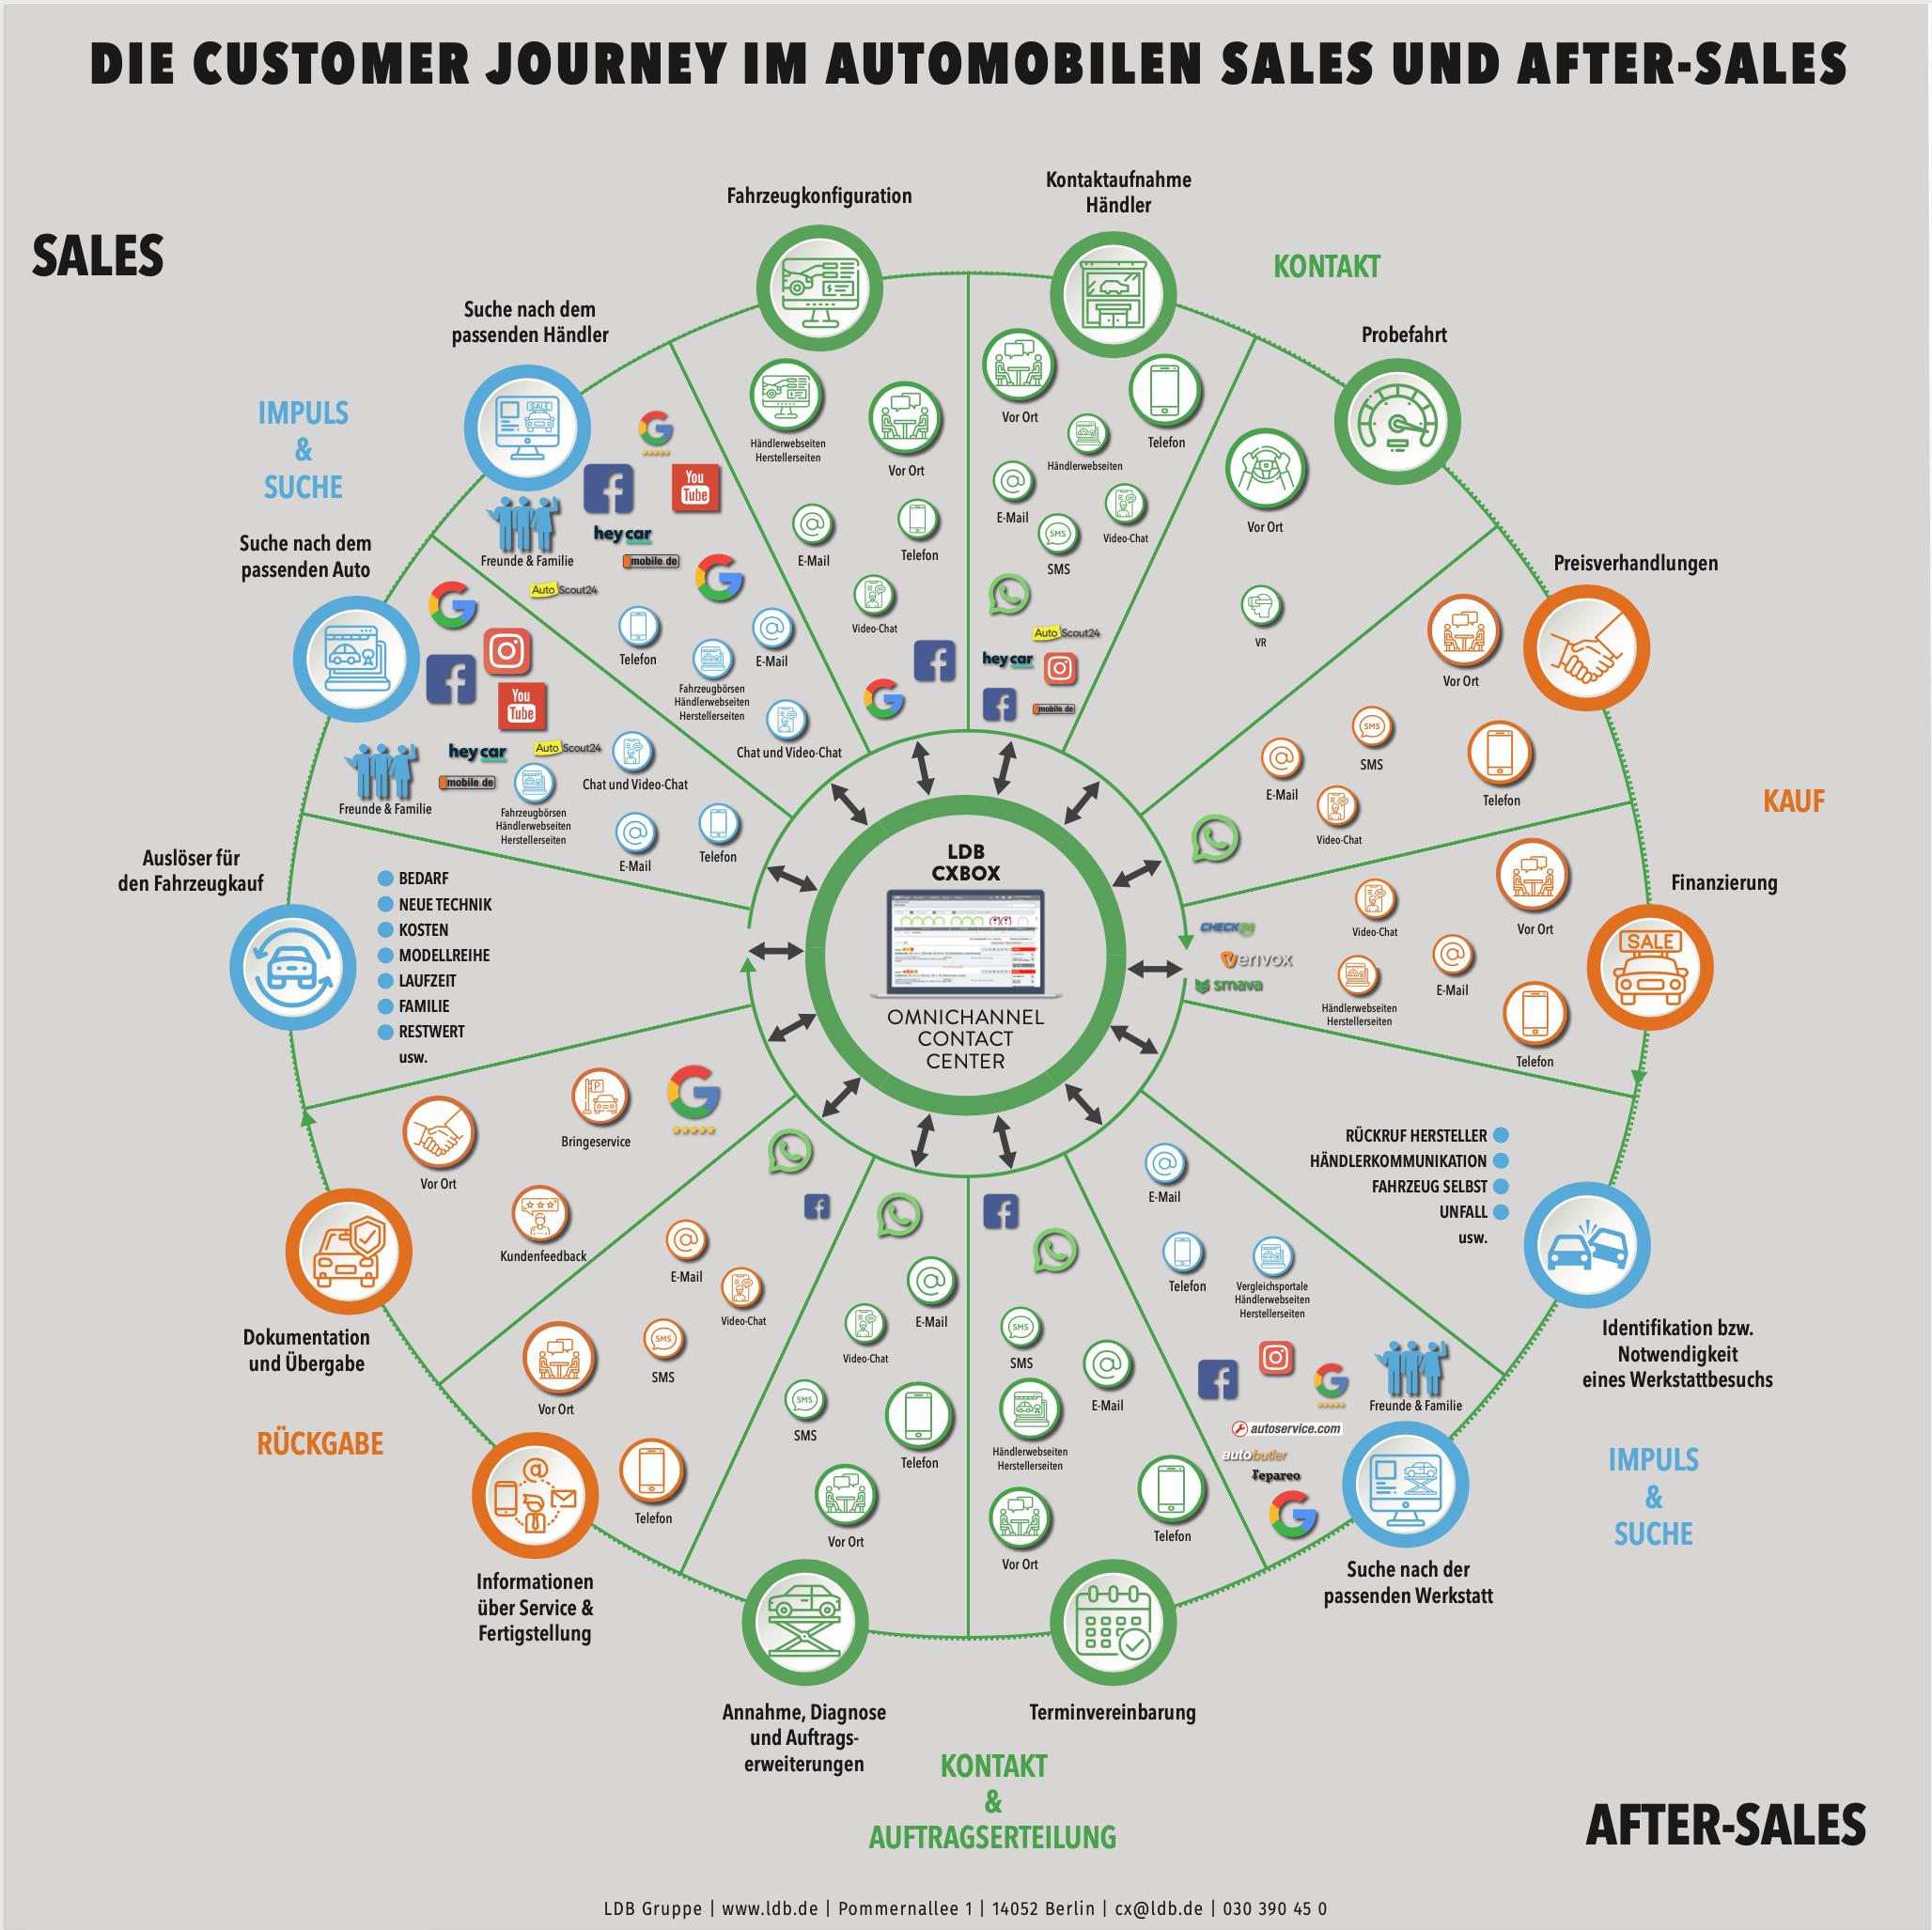 Touchpoints & Kanäle im Sales- und After-Sales-Prozess